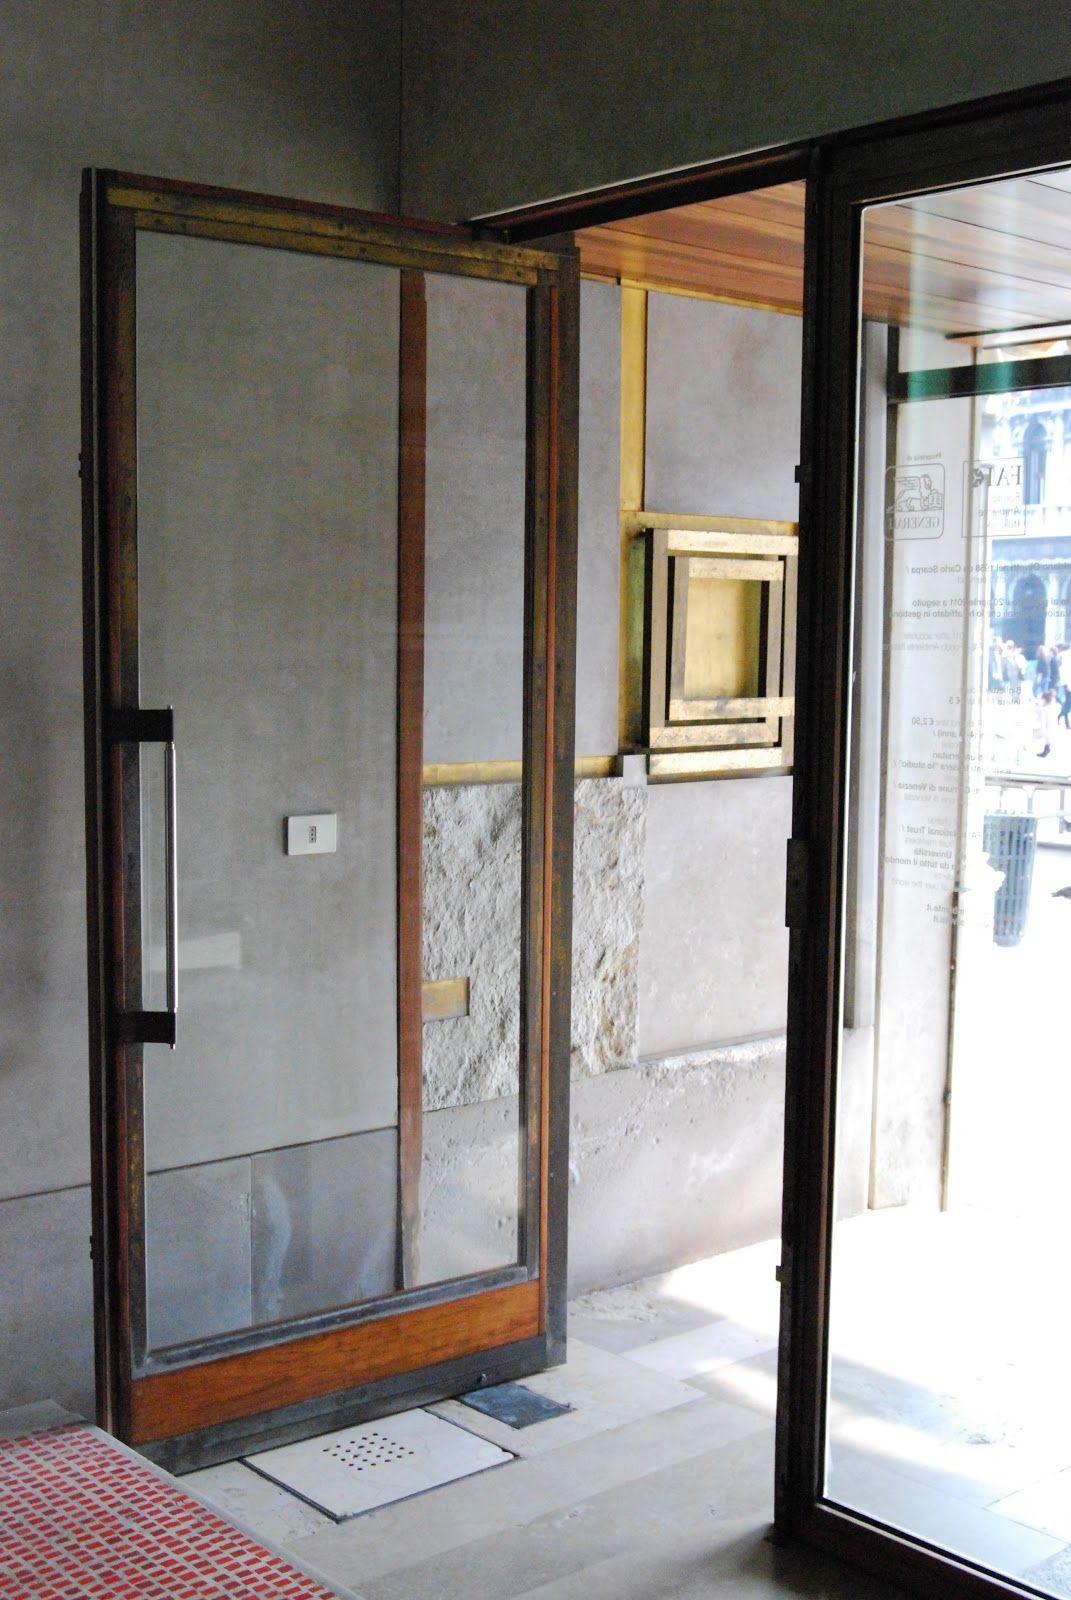 Olivetti carlo scarpa door concrete glass gold brown woood - Carlo scarpa architecture and design ...